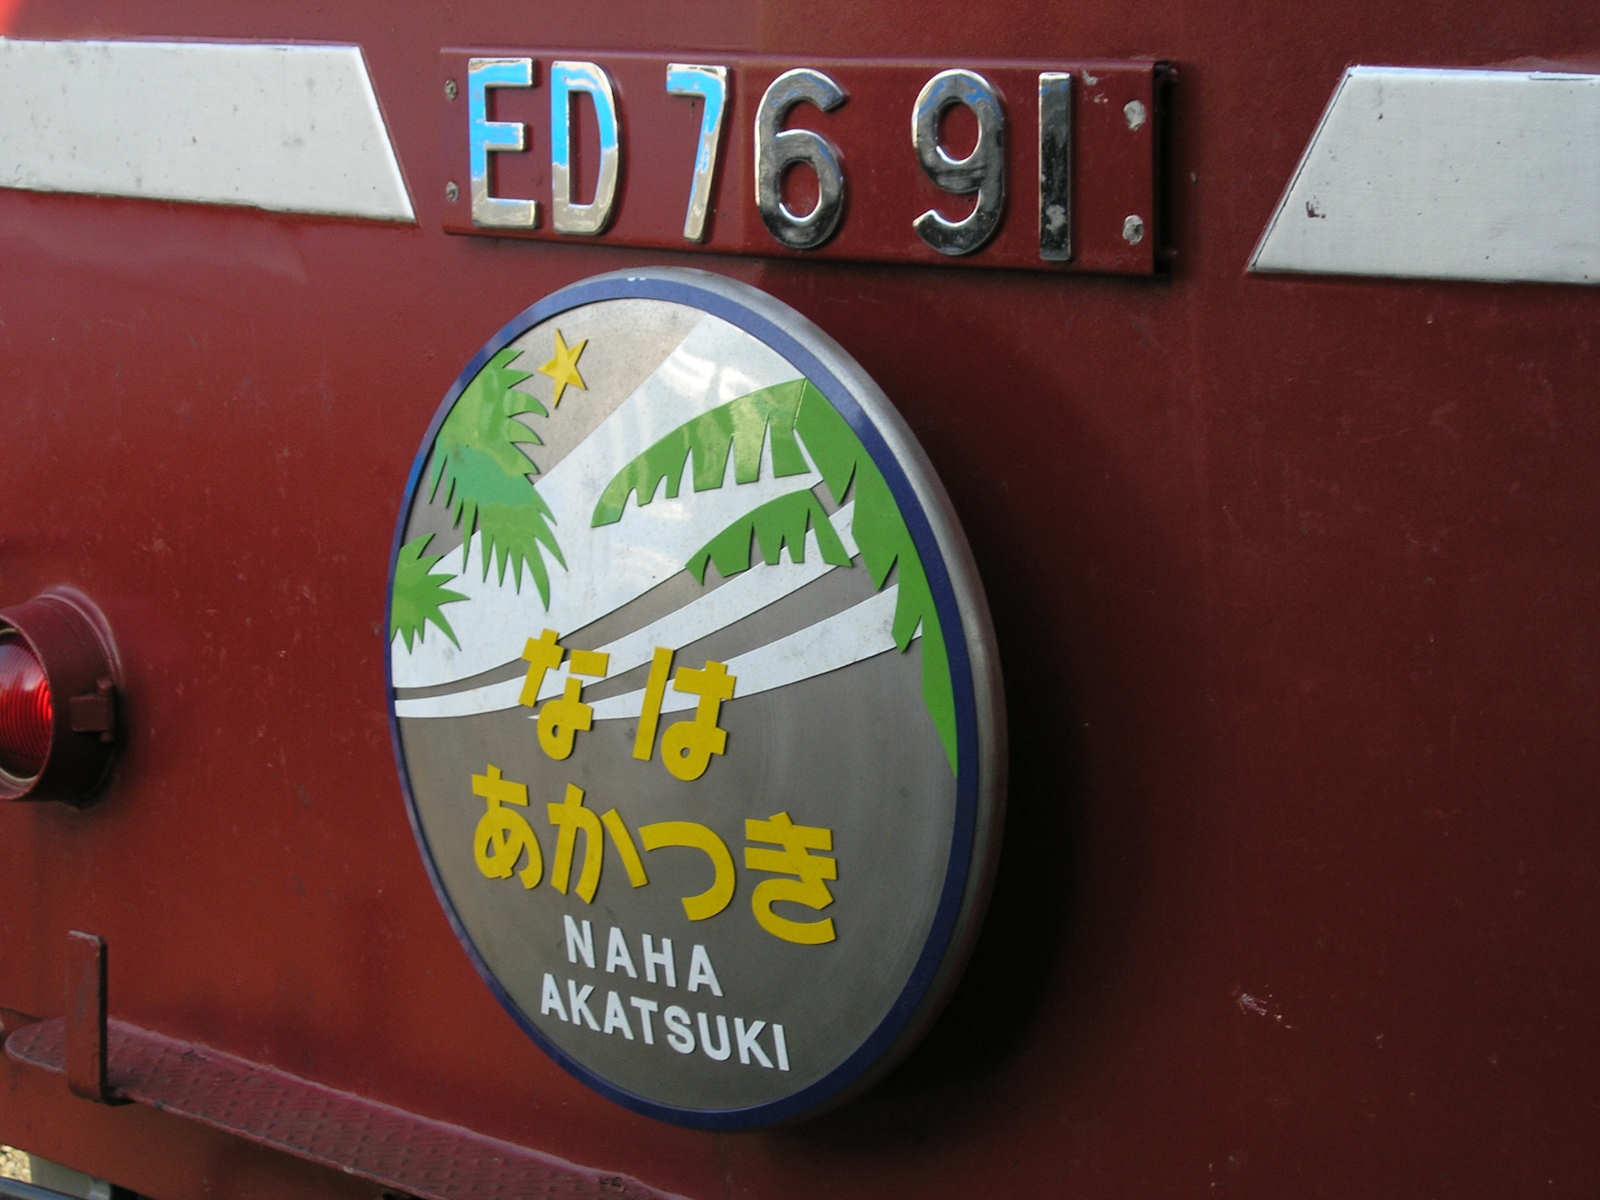 寝台特急なは号・あかつき号の九州内ヘッドマーク(JPG-136k)